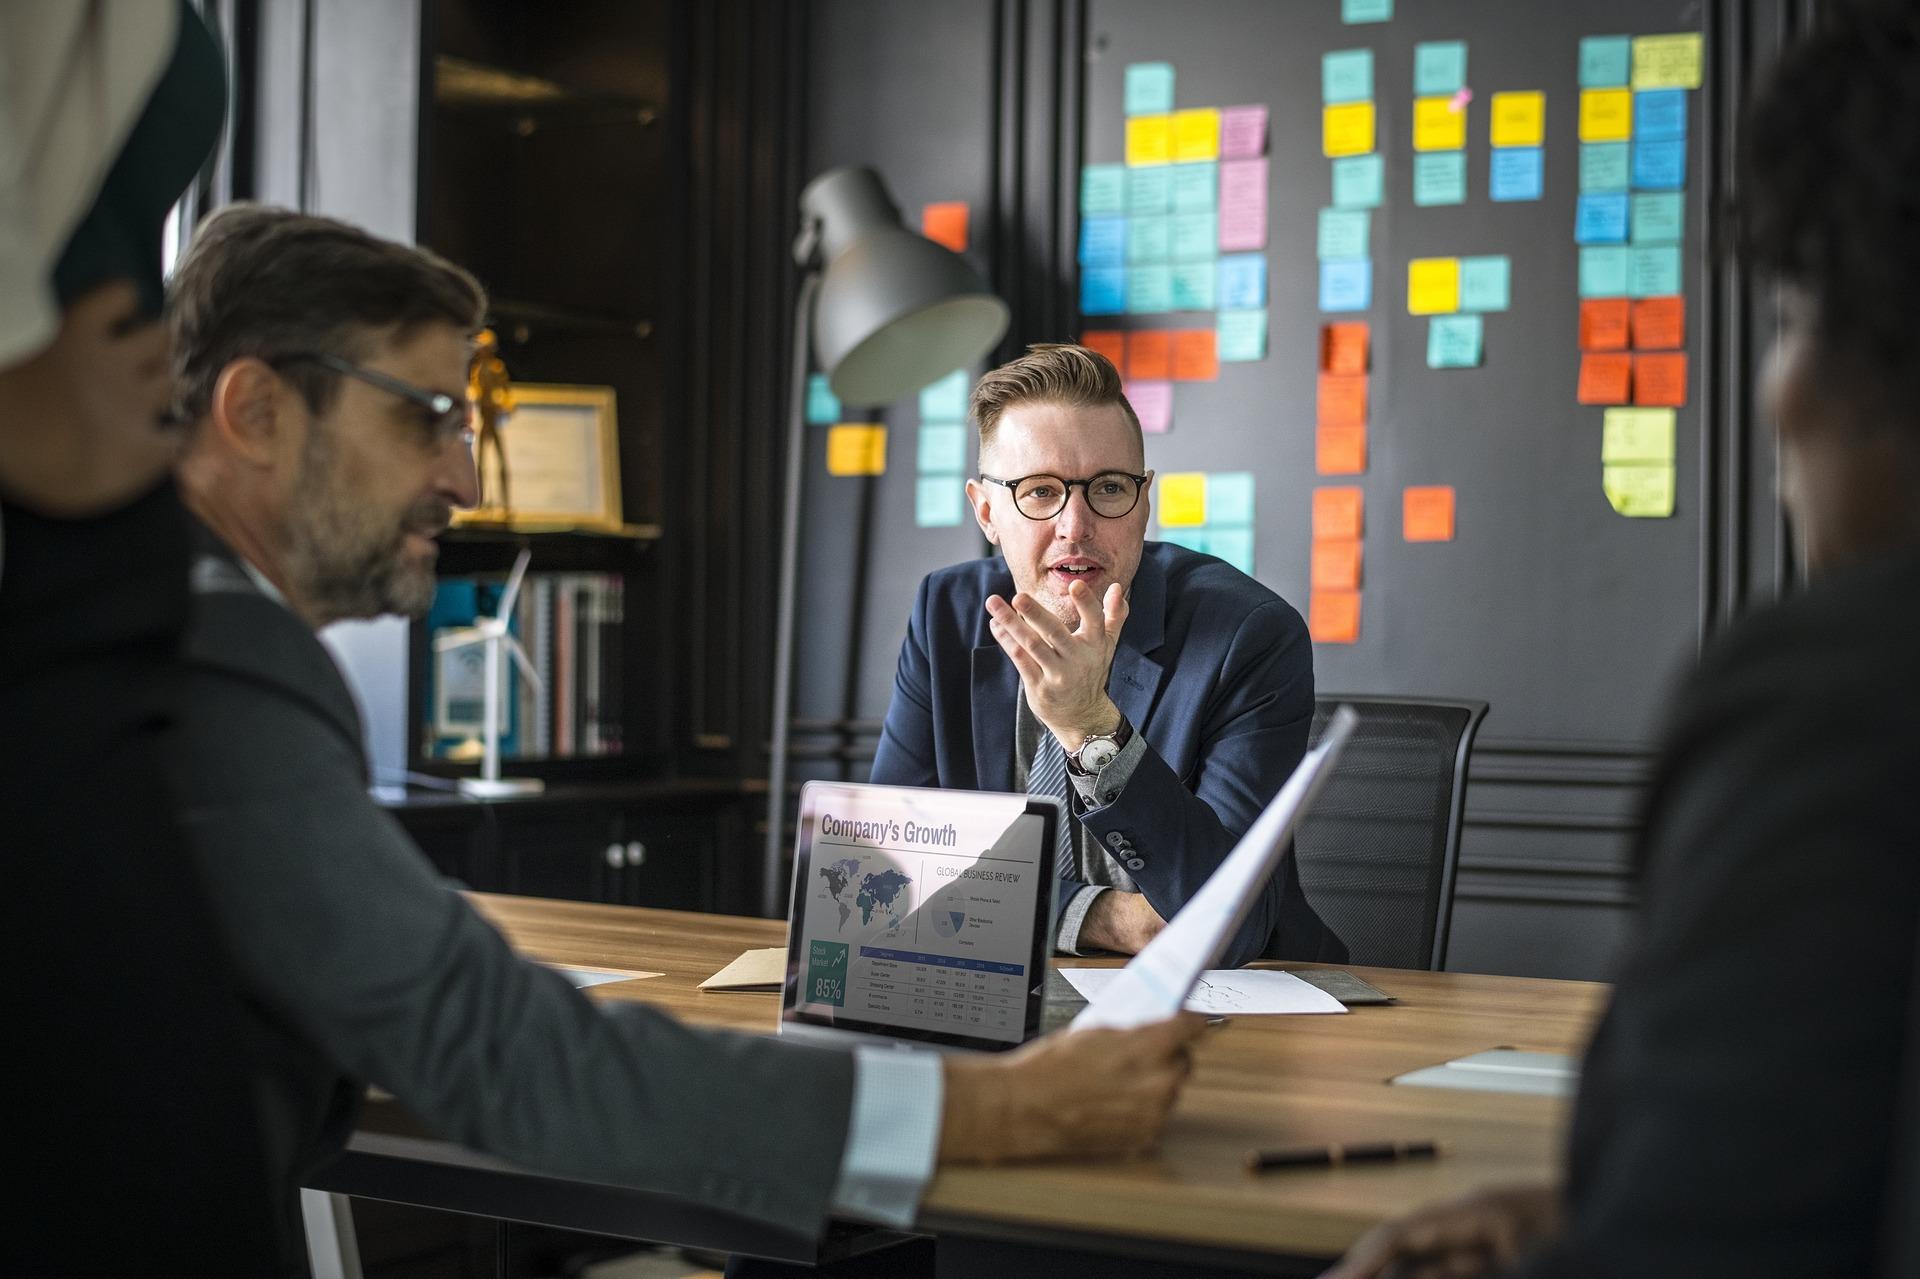 会議の効率化ルール③時間にはとにかく厳しくするのが生産性を高めるコツ